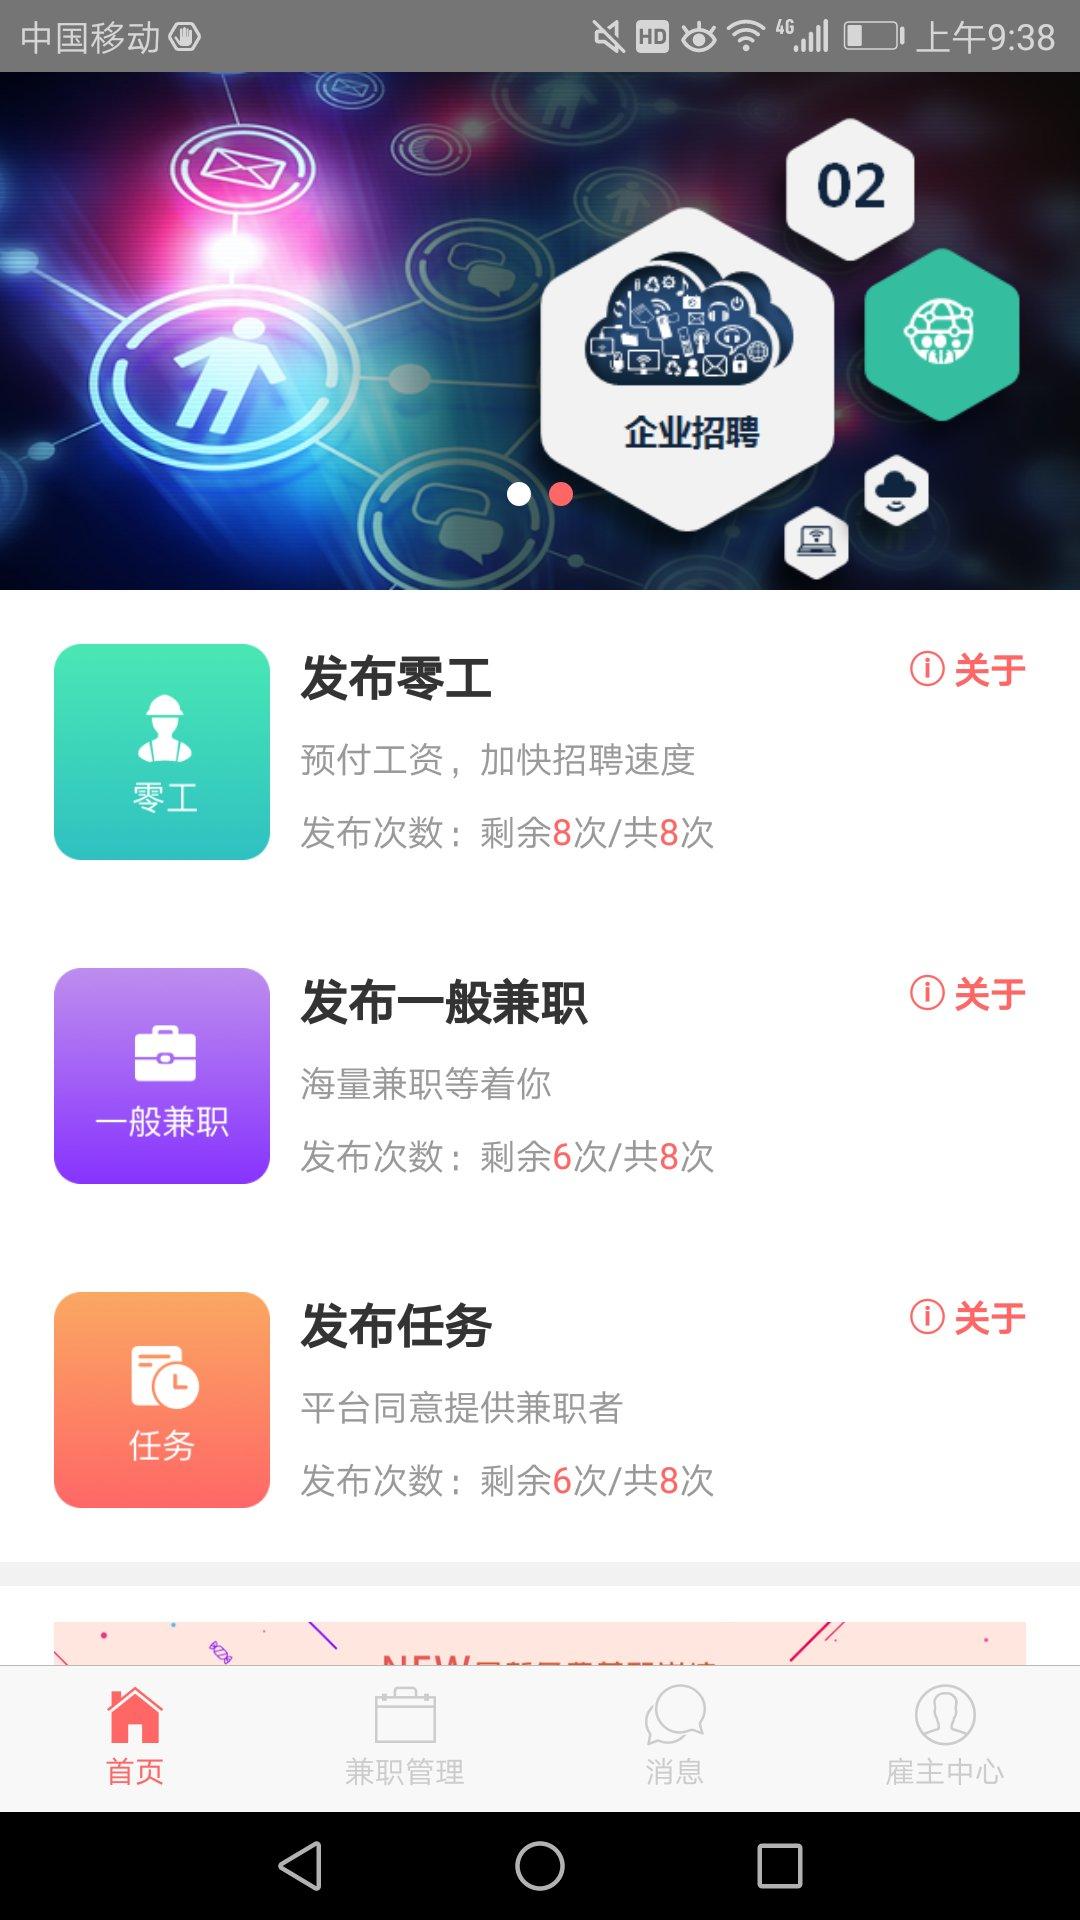 灵活用工平台职由人APP功能及操作介绍(一)